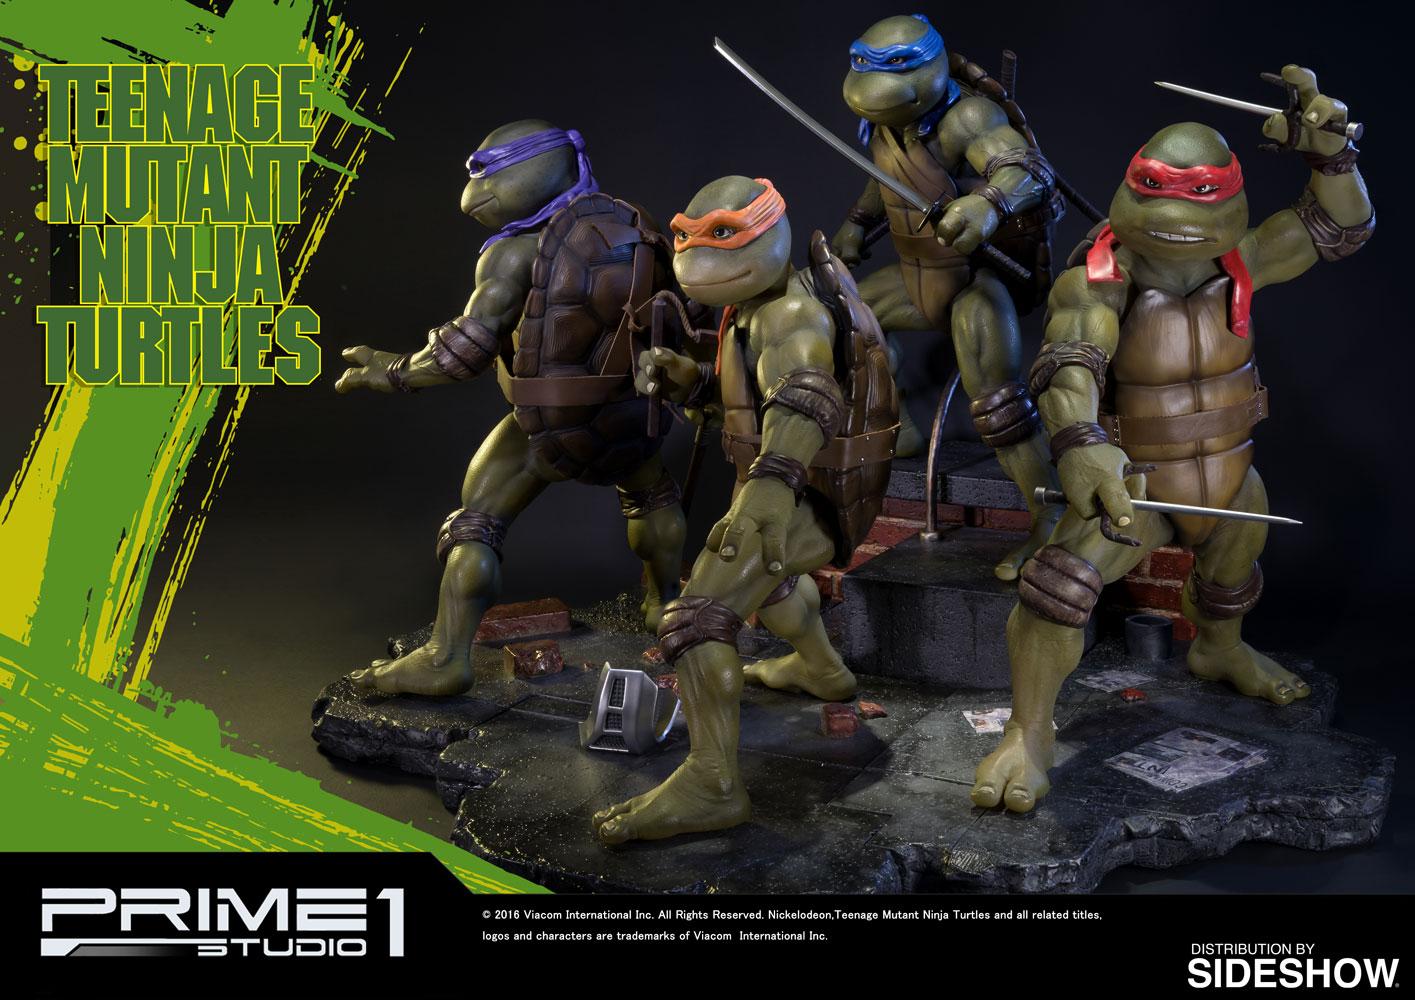 teenage mutant ninja turtles evaluation Teenage mutant ninja turtles (tv 2003) teenage mutant ninja turtles - all media types tmnt (2007) characters: a turtle & his sisyphus yourfaithfulsidekick.